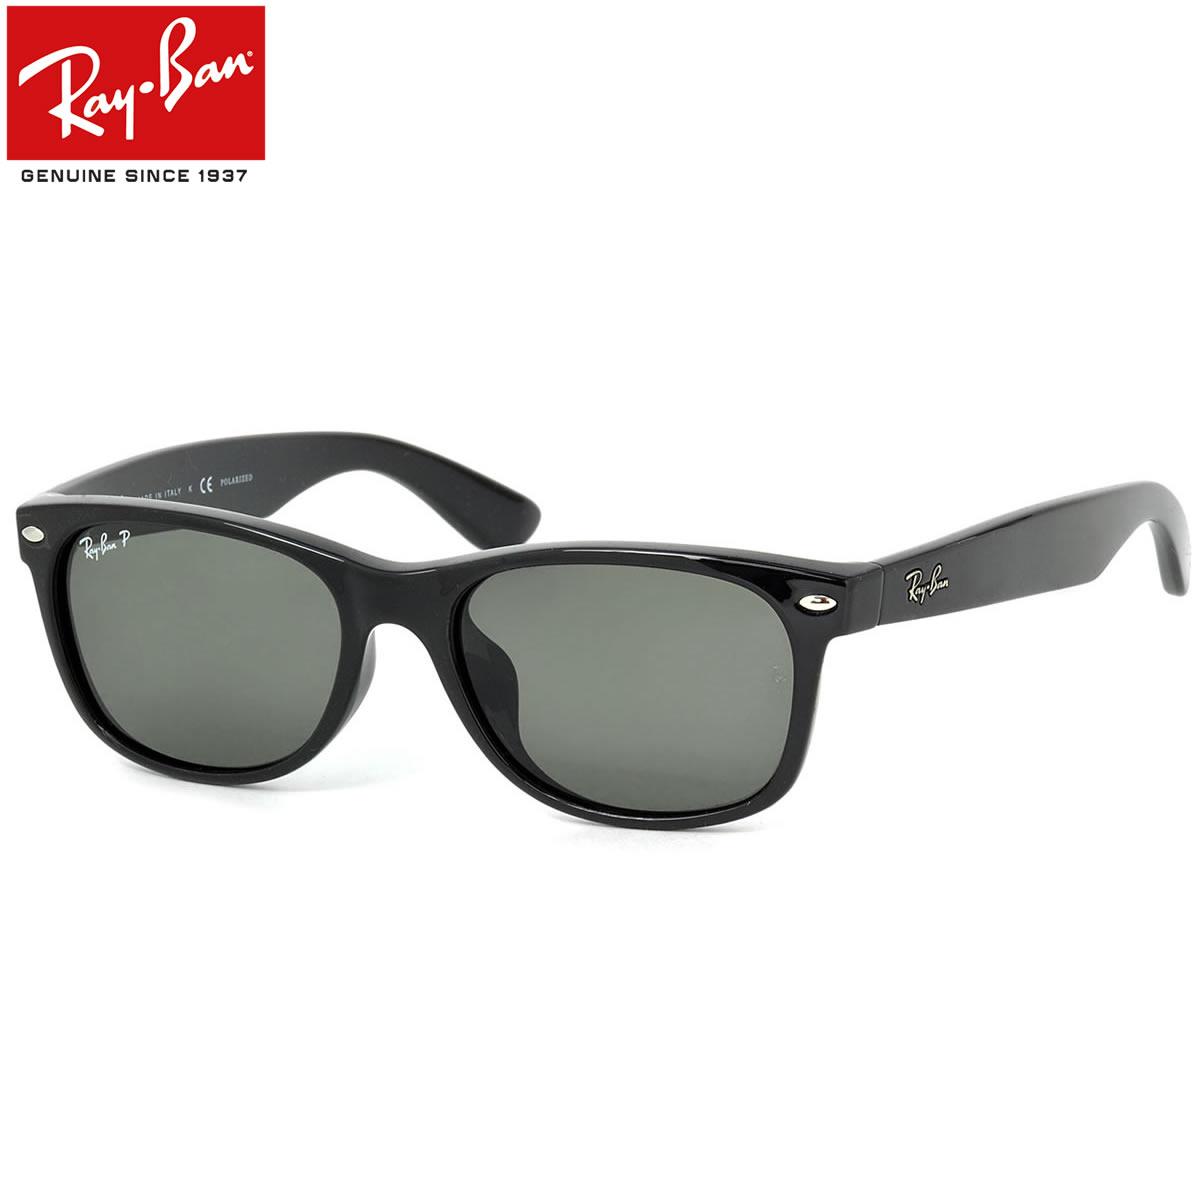 レイバン サングラス 偏光 ニューウェイファーラー Ray-Ban RB2132F 901/58 55サイズ レイバン RAYBAN NEW WAYFARER 90158 偏光レンズ 偏光サングラス フルフィット ICONS アイコン メンズ レディース